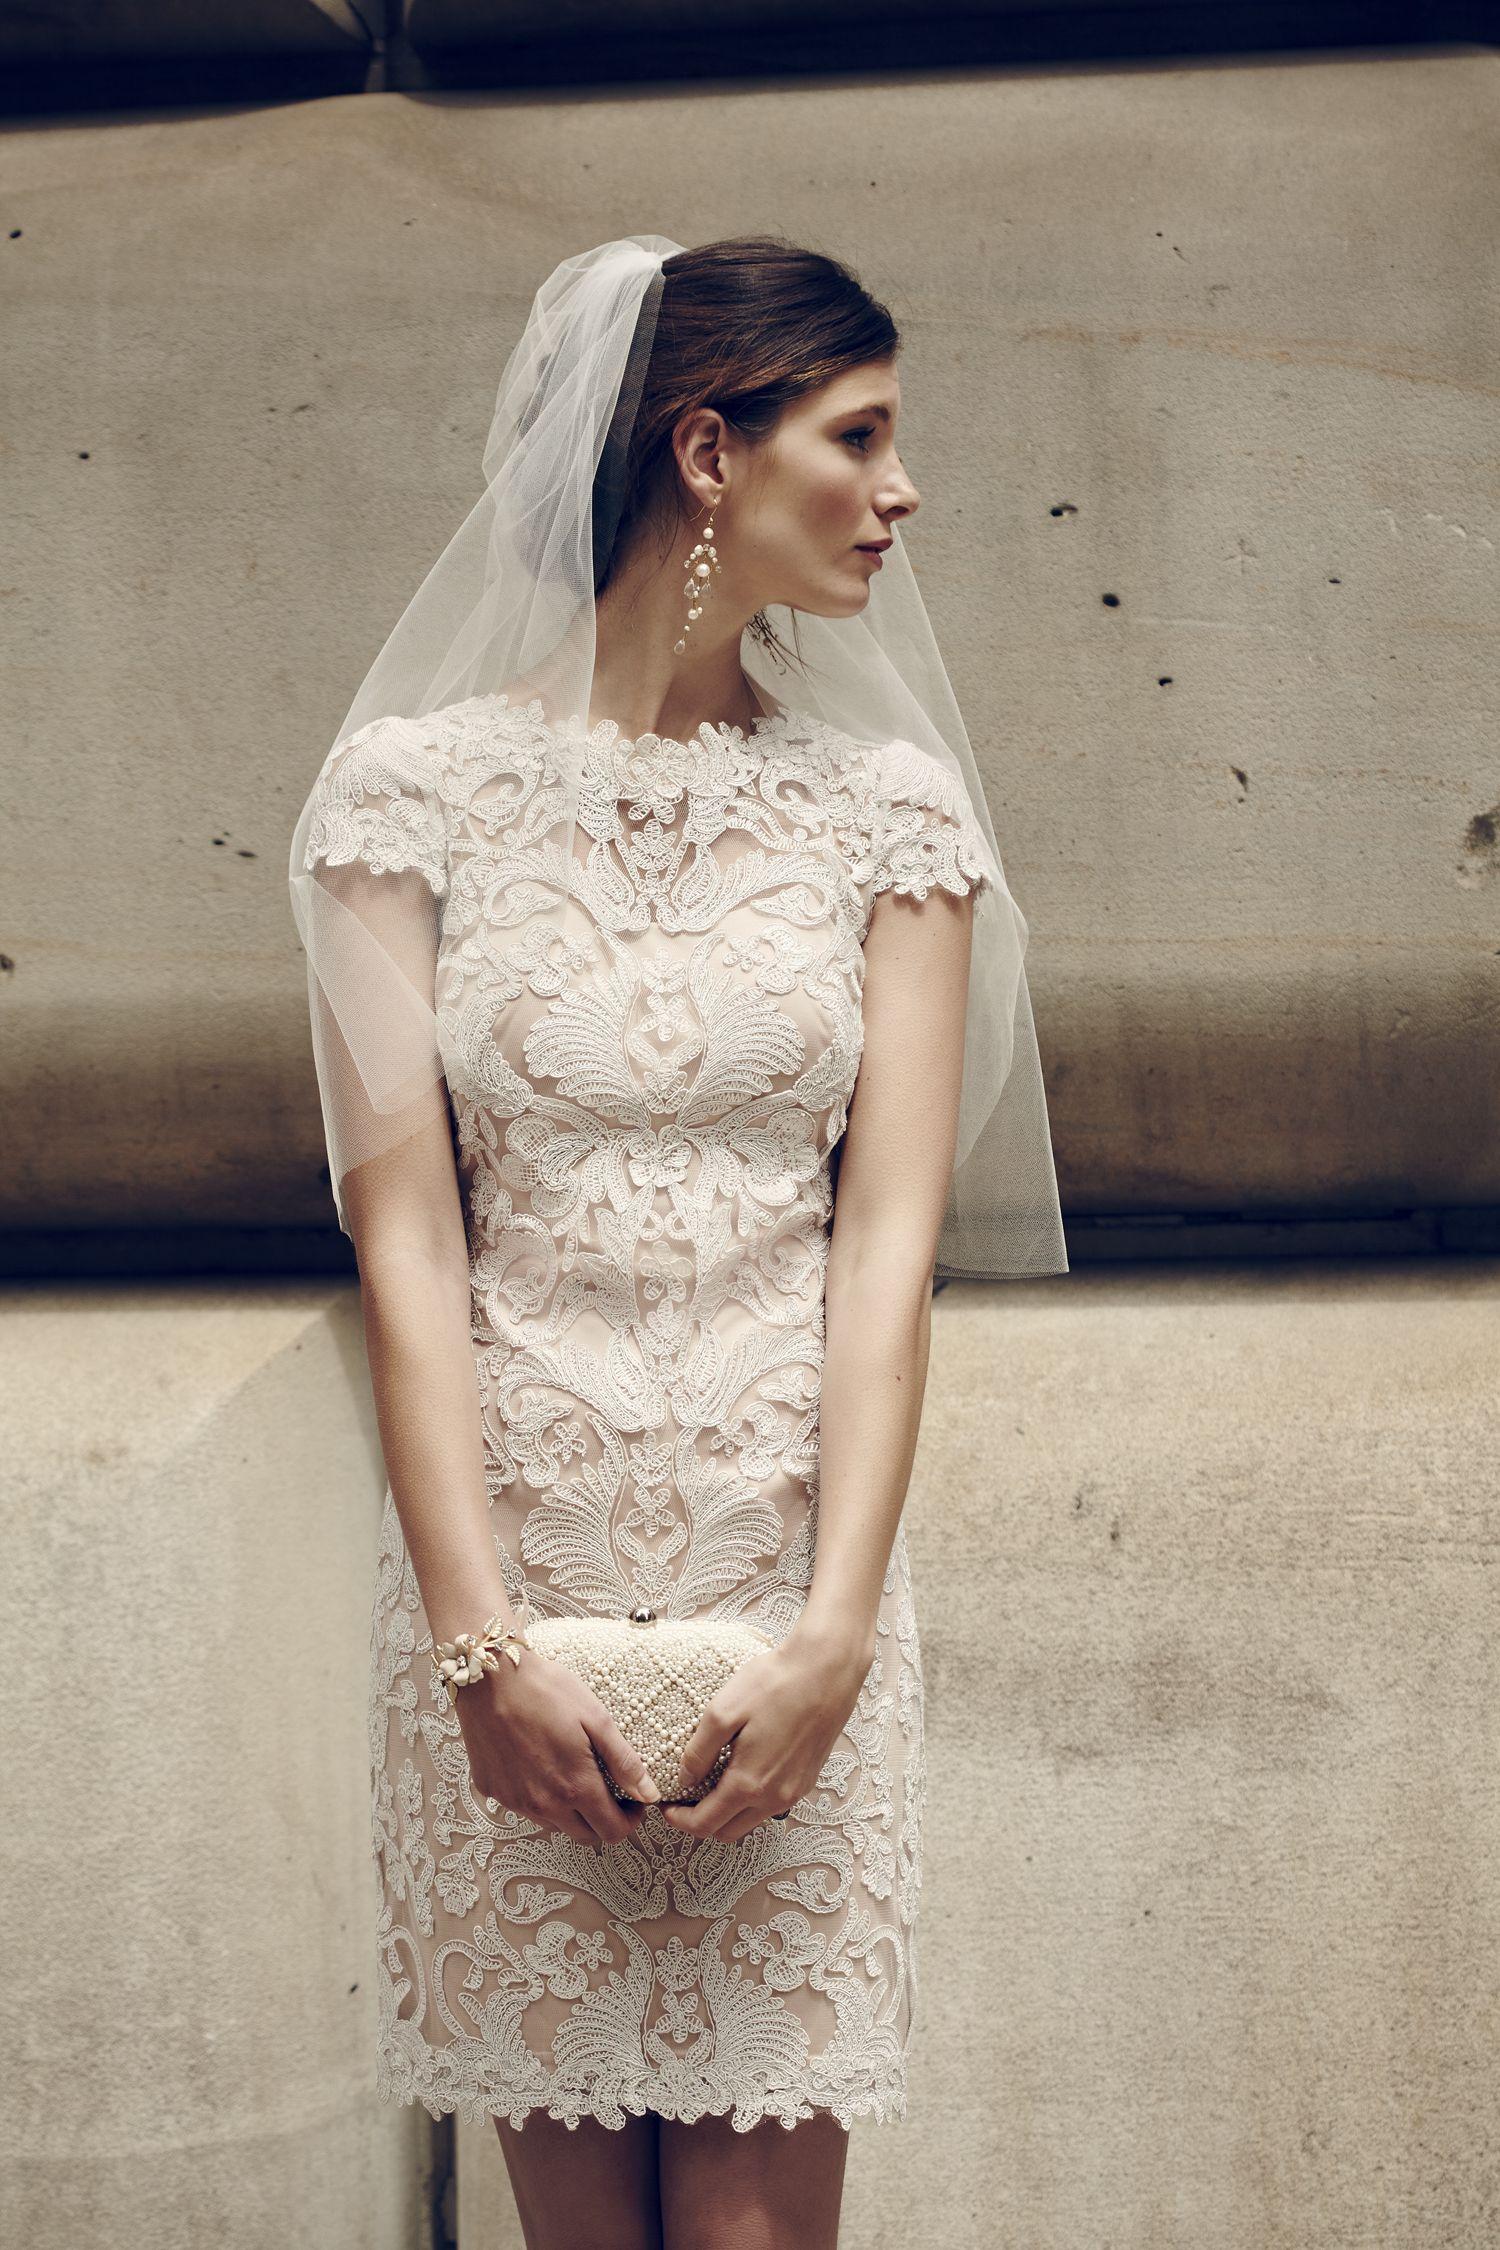 Lilian Dress by Tadashi Shoji for BHLDN | BHLDN Stylist Picks ...